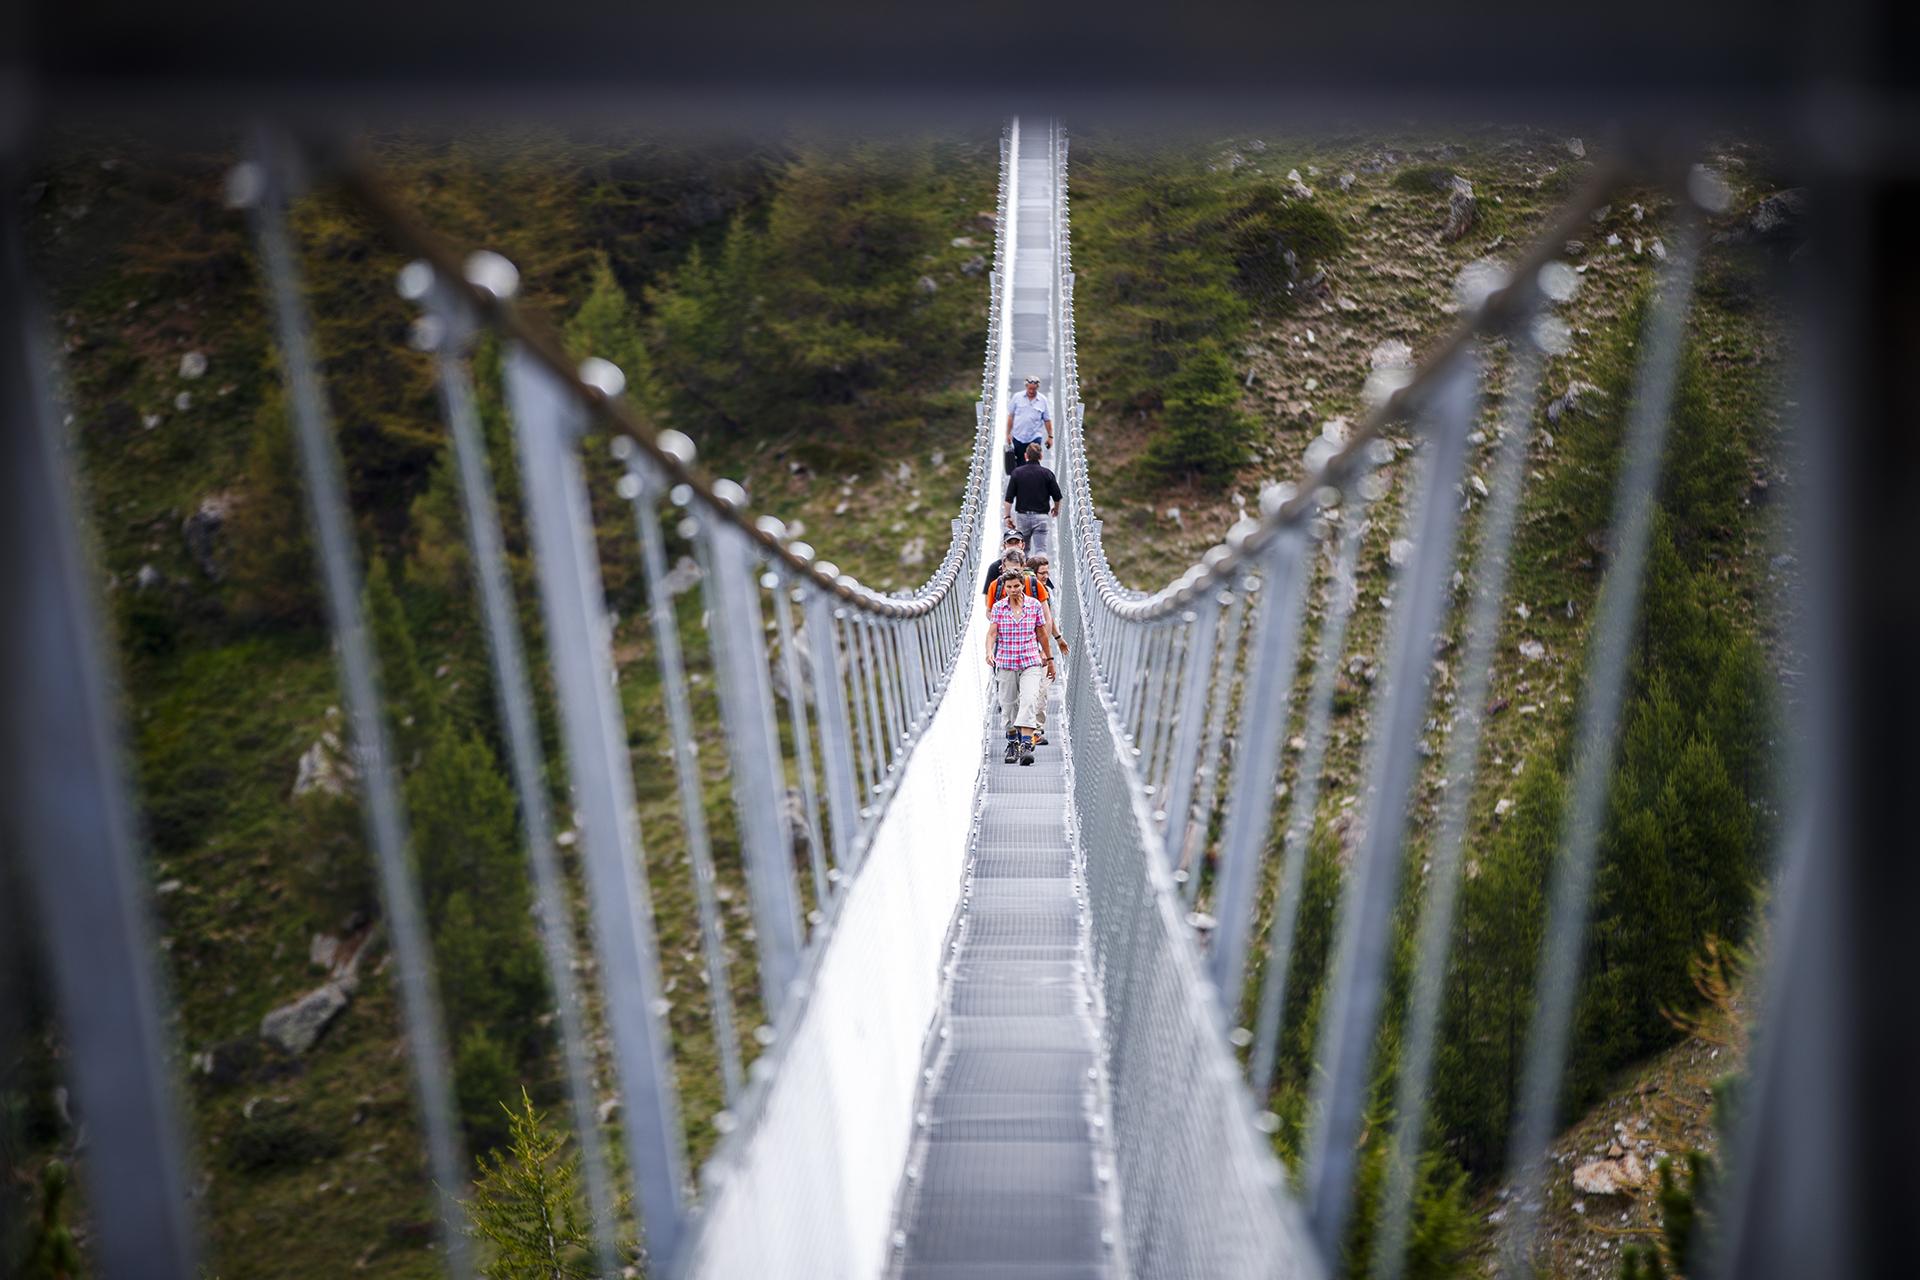 La pasarela tiene apenas 60 centímetros de ancho, por lo que la gente debe cruzar en fila(Valentin Flauraud/Keystone via AP)